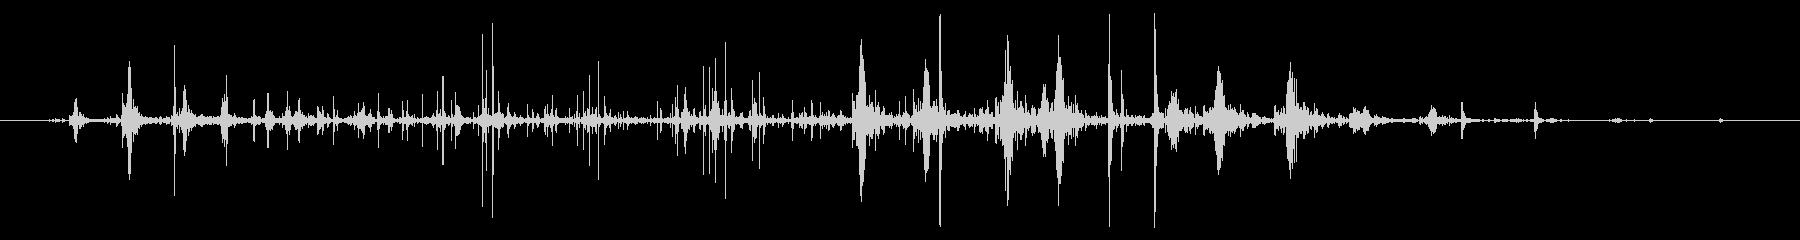 ネバネバ、ヌメヌメとした不気味な音C#3の未再生の波形